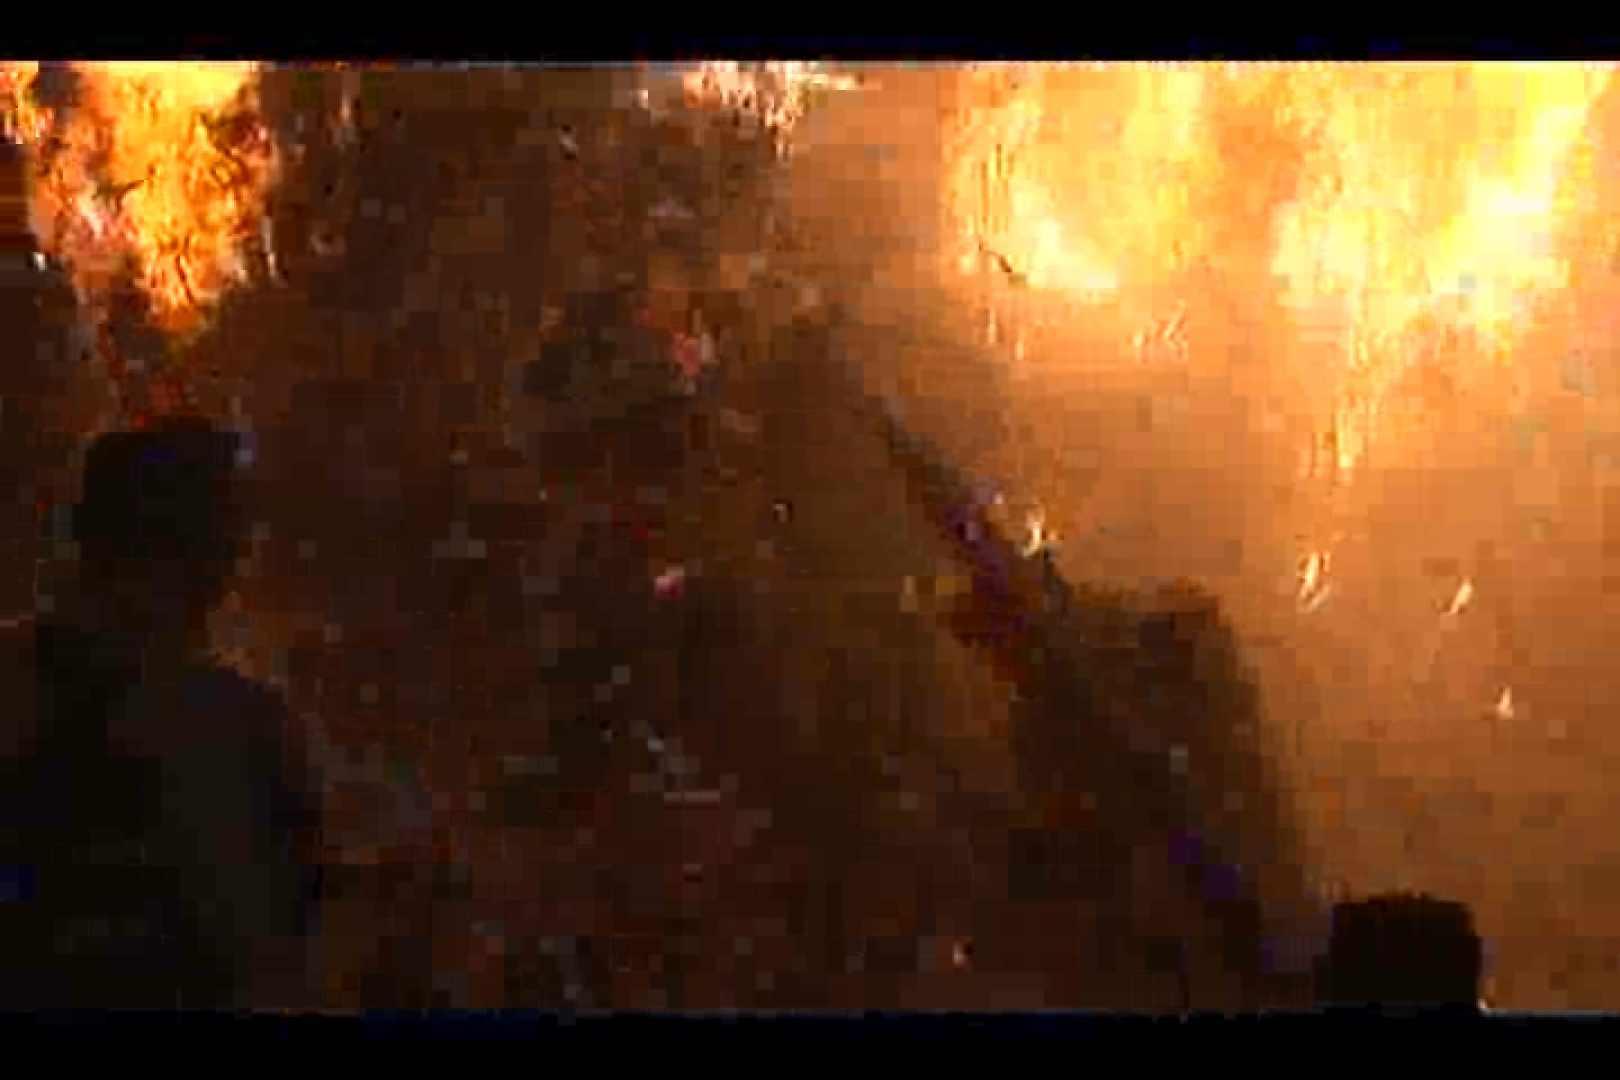 鳥羽の火祭り 3000K!高画質バージョンVOL.03 ふんどしの男たち ゲイSEX画像 82連発 43